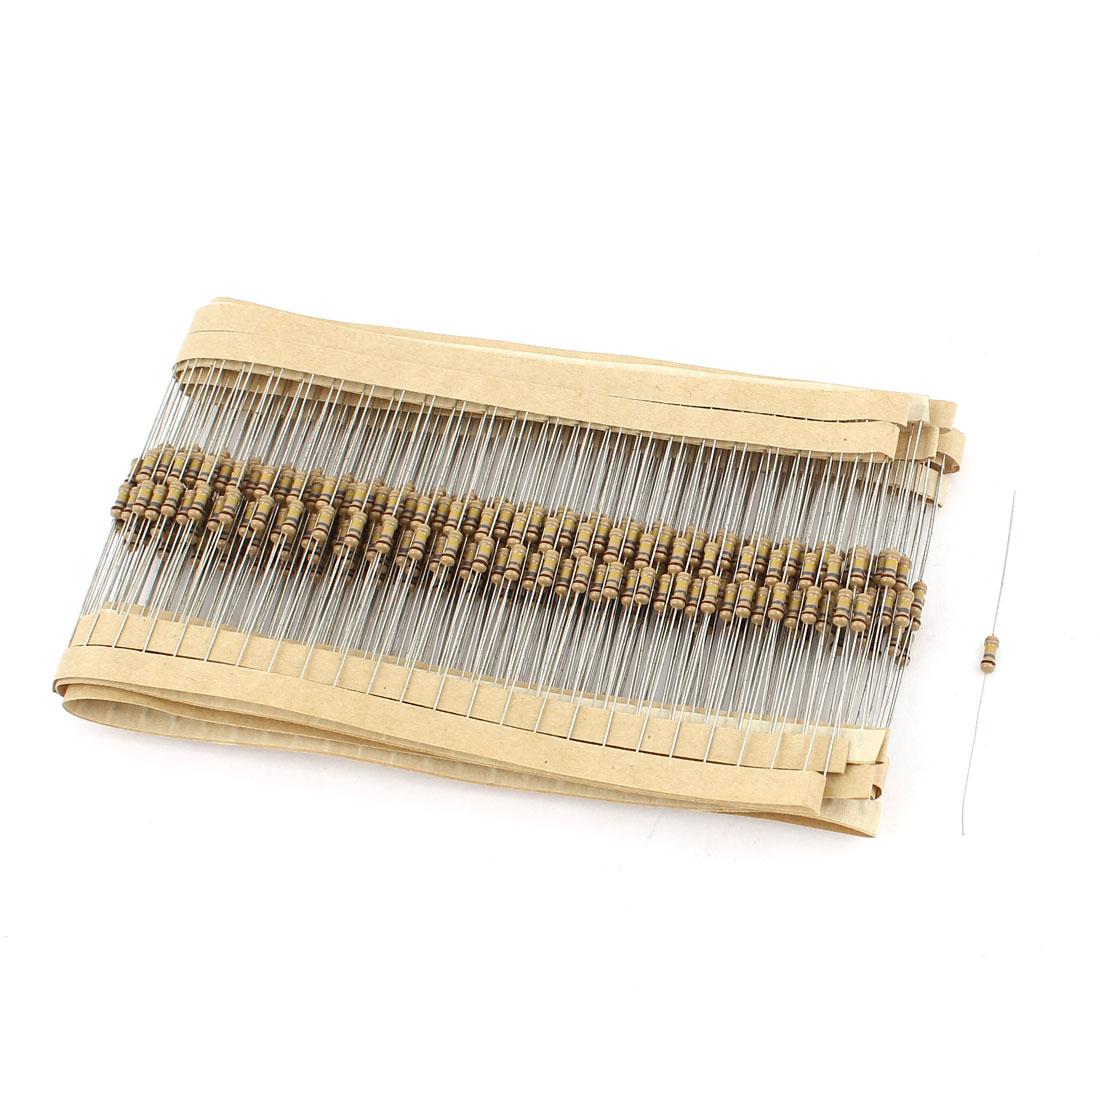 400 Pcs 180K Ohm 0.25W 5% Tolerance Axial Leads Type Carbon Film Resistors